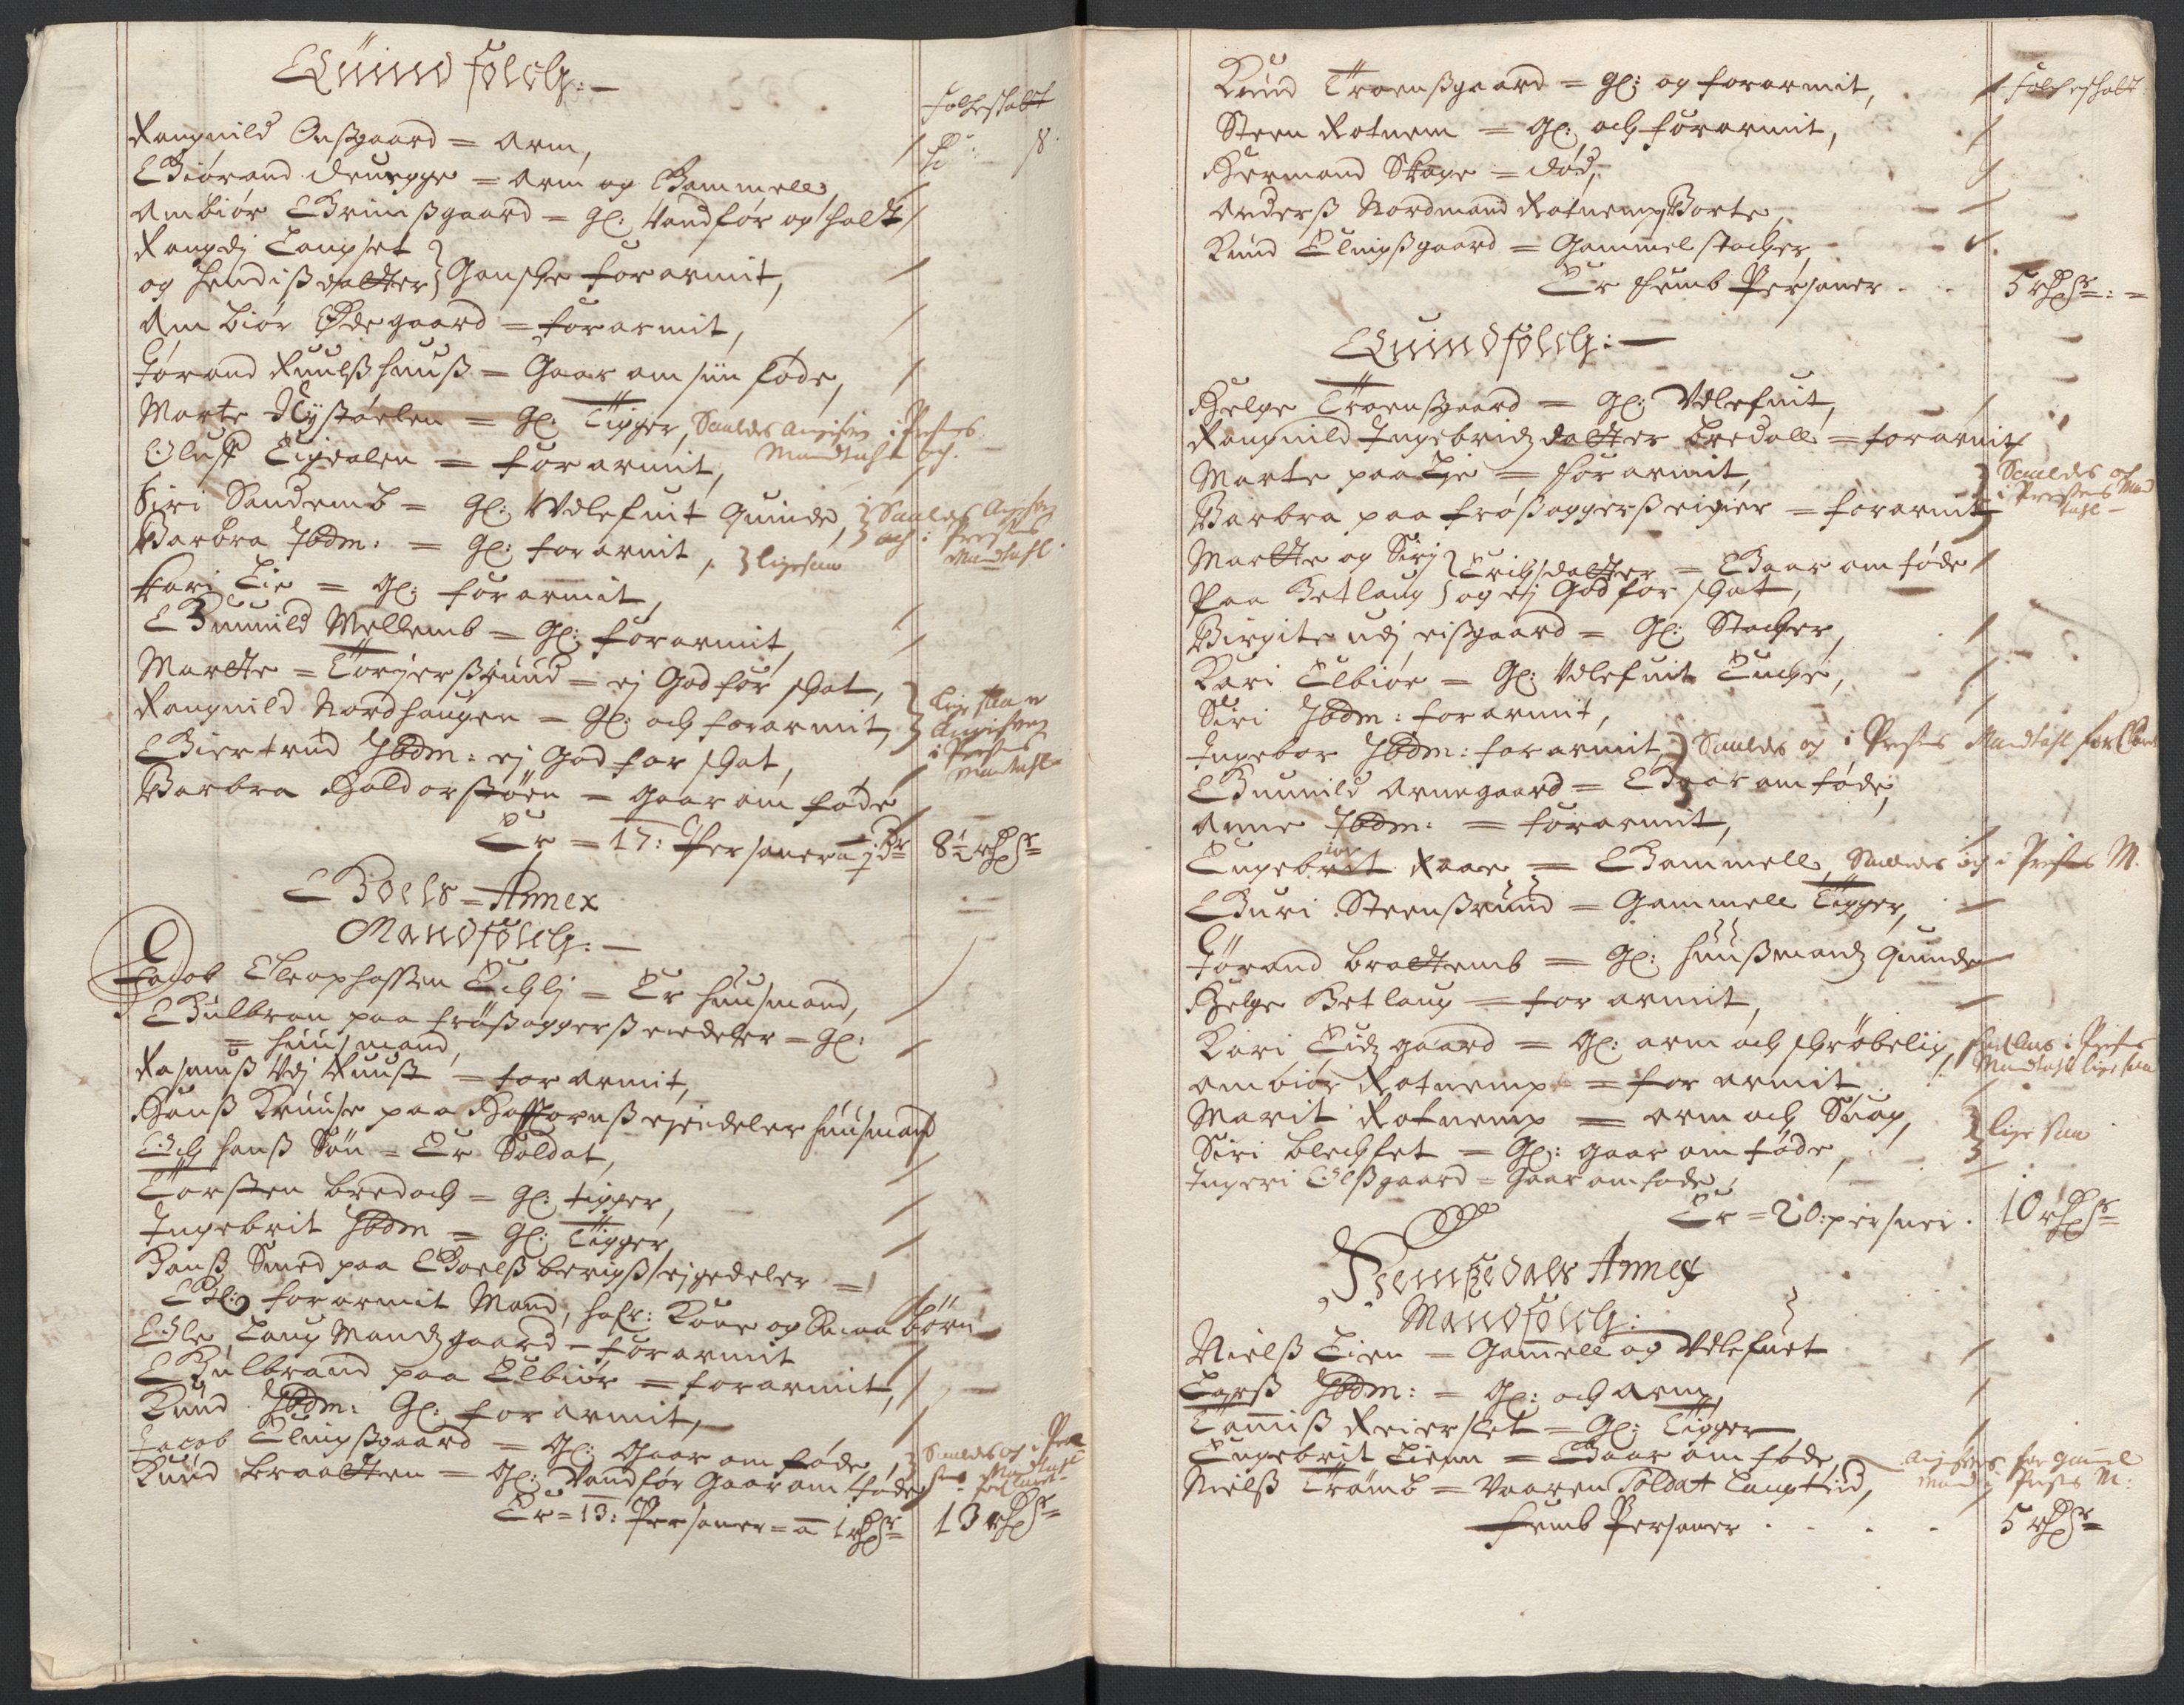 RA, Rentekammeret inntil 1814, Reviderte regnskaper, Fogderegnskap, R21/L1445: Fogderegnskap Ringerike og Hallingdal, 1681-1689, s. 217